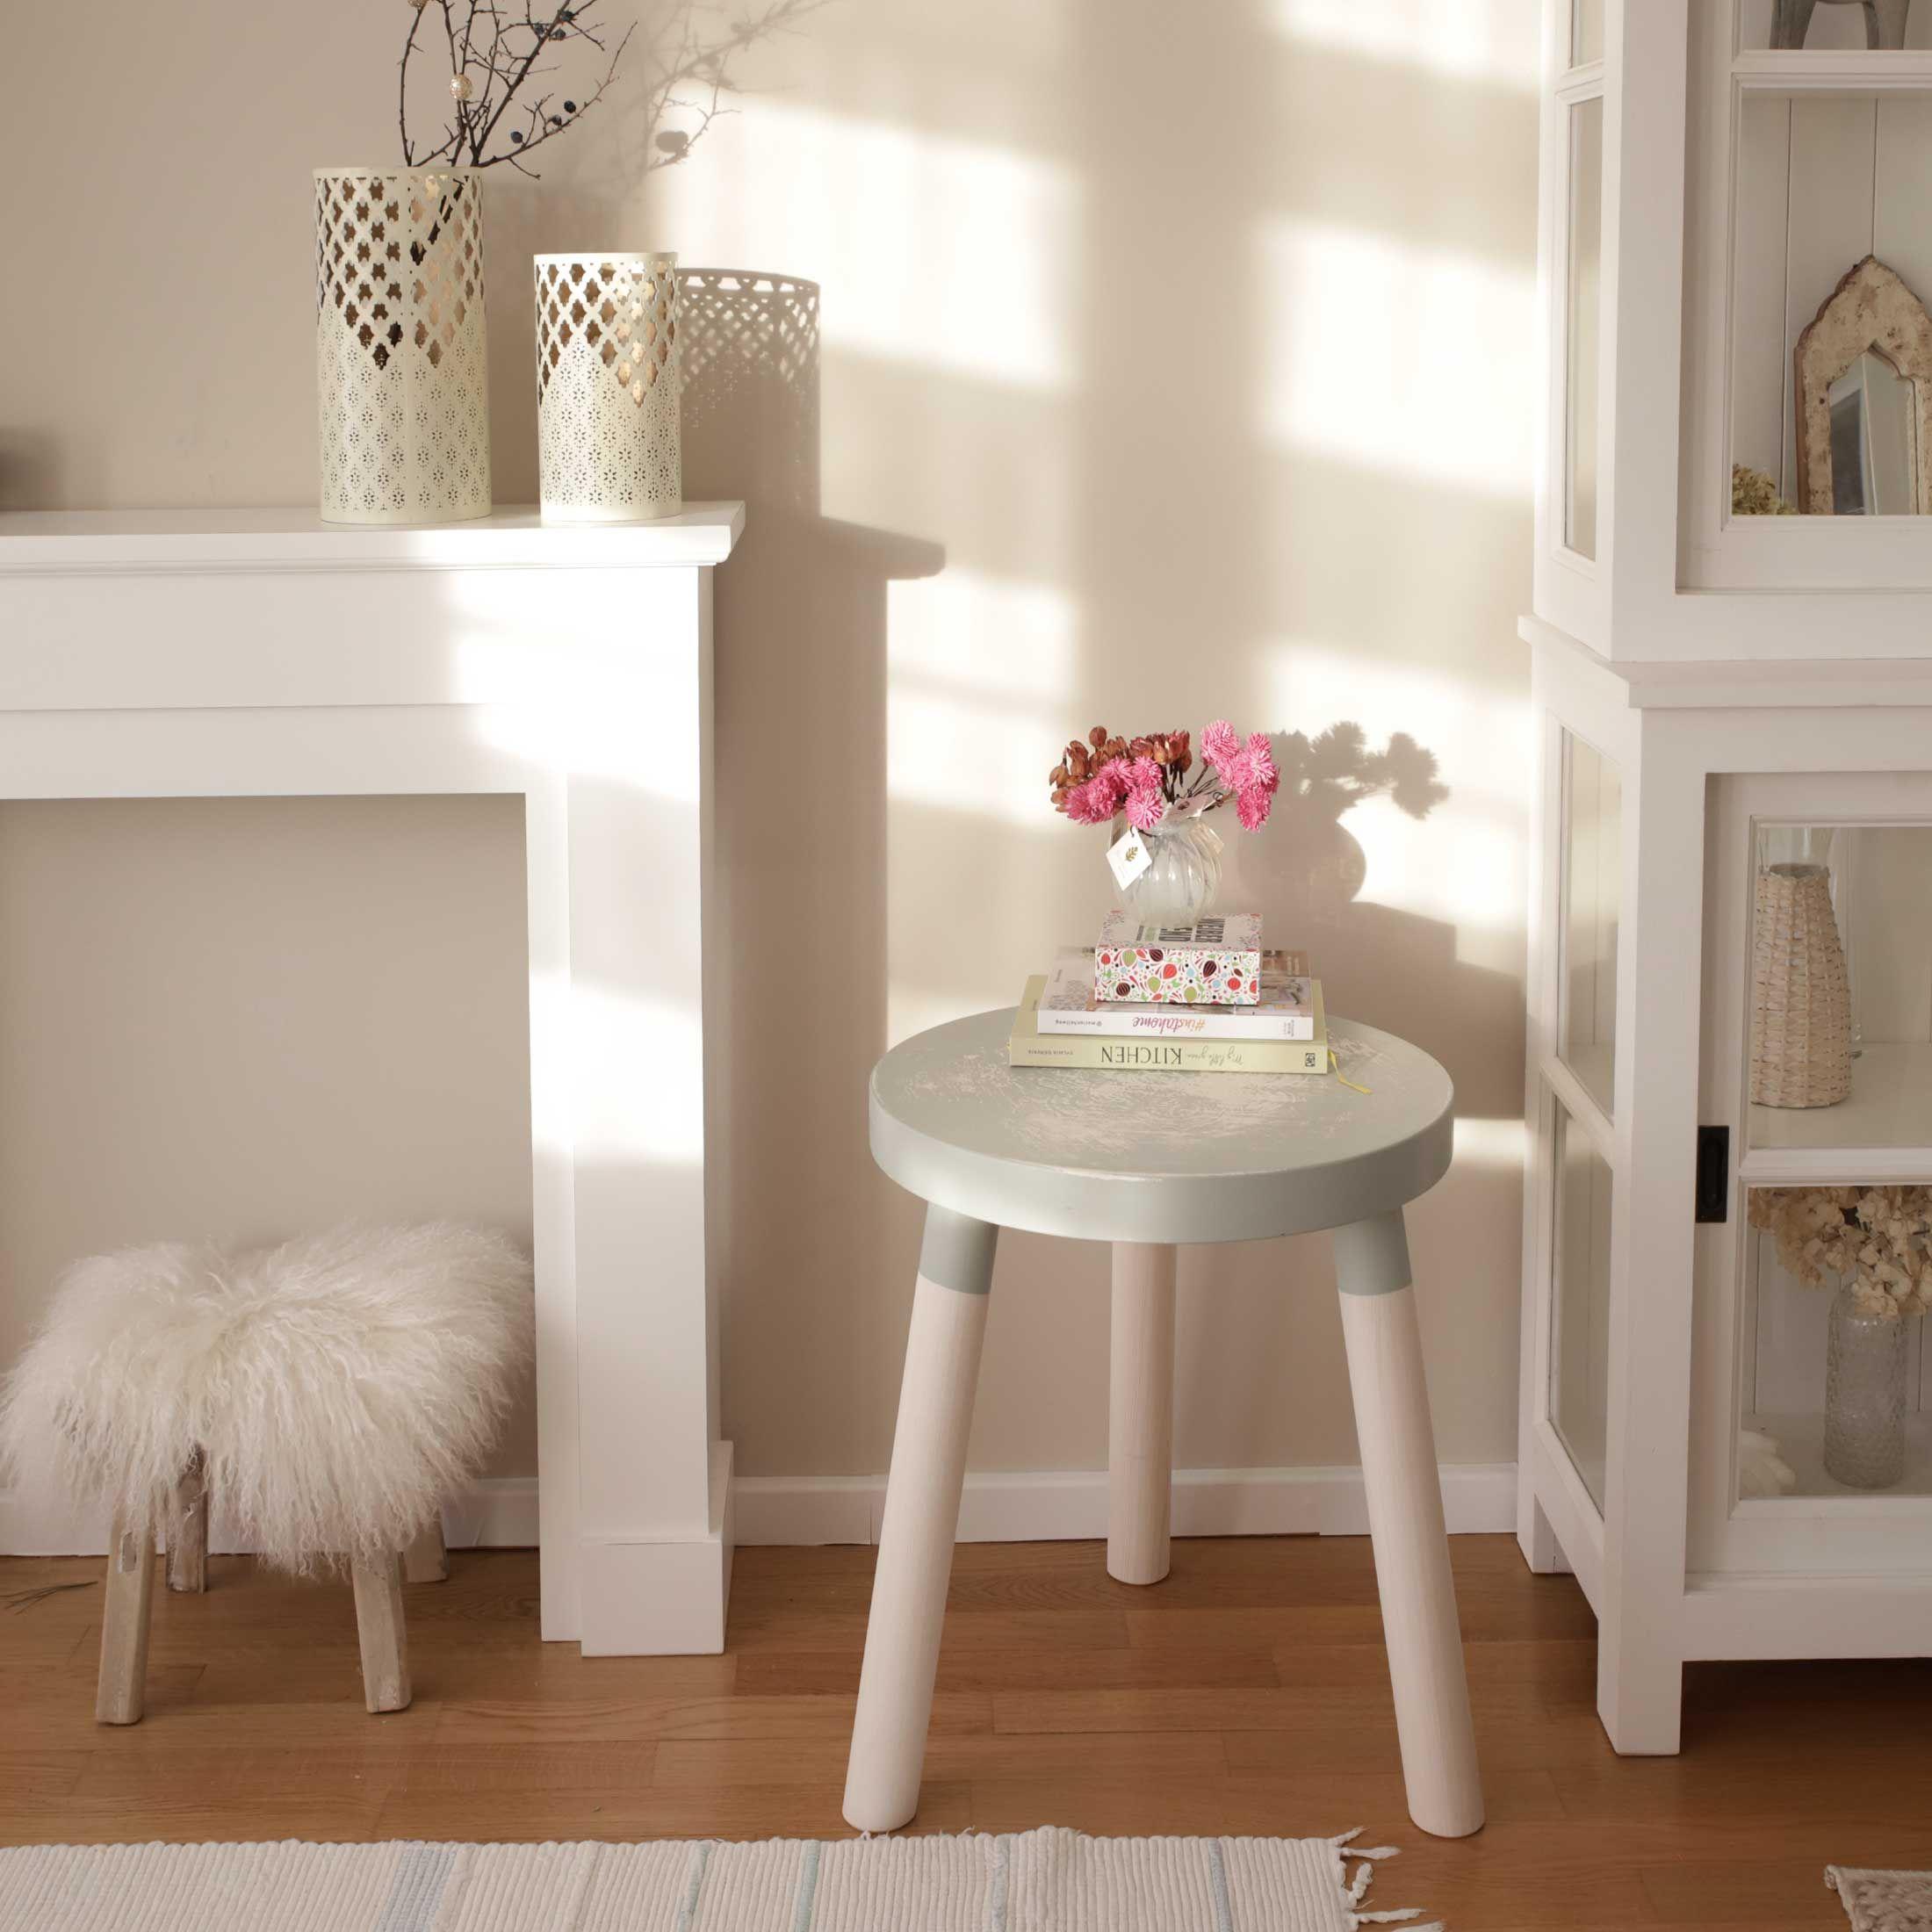 Beistelltisch Vintage Shabby Aus Holz In Salbeigrun Rund Shabby Tisch Beistelltisch Rund Sofatisch Style At Home Wohnzimmertische Couchtisch